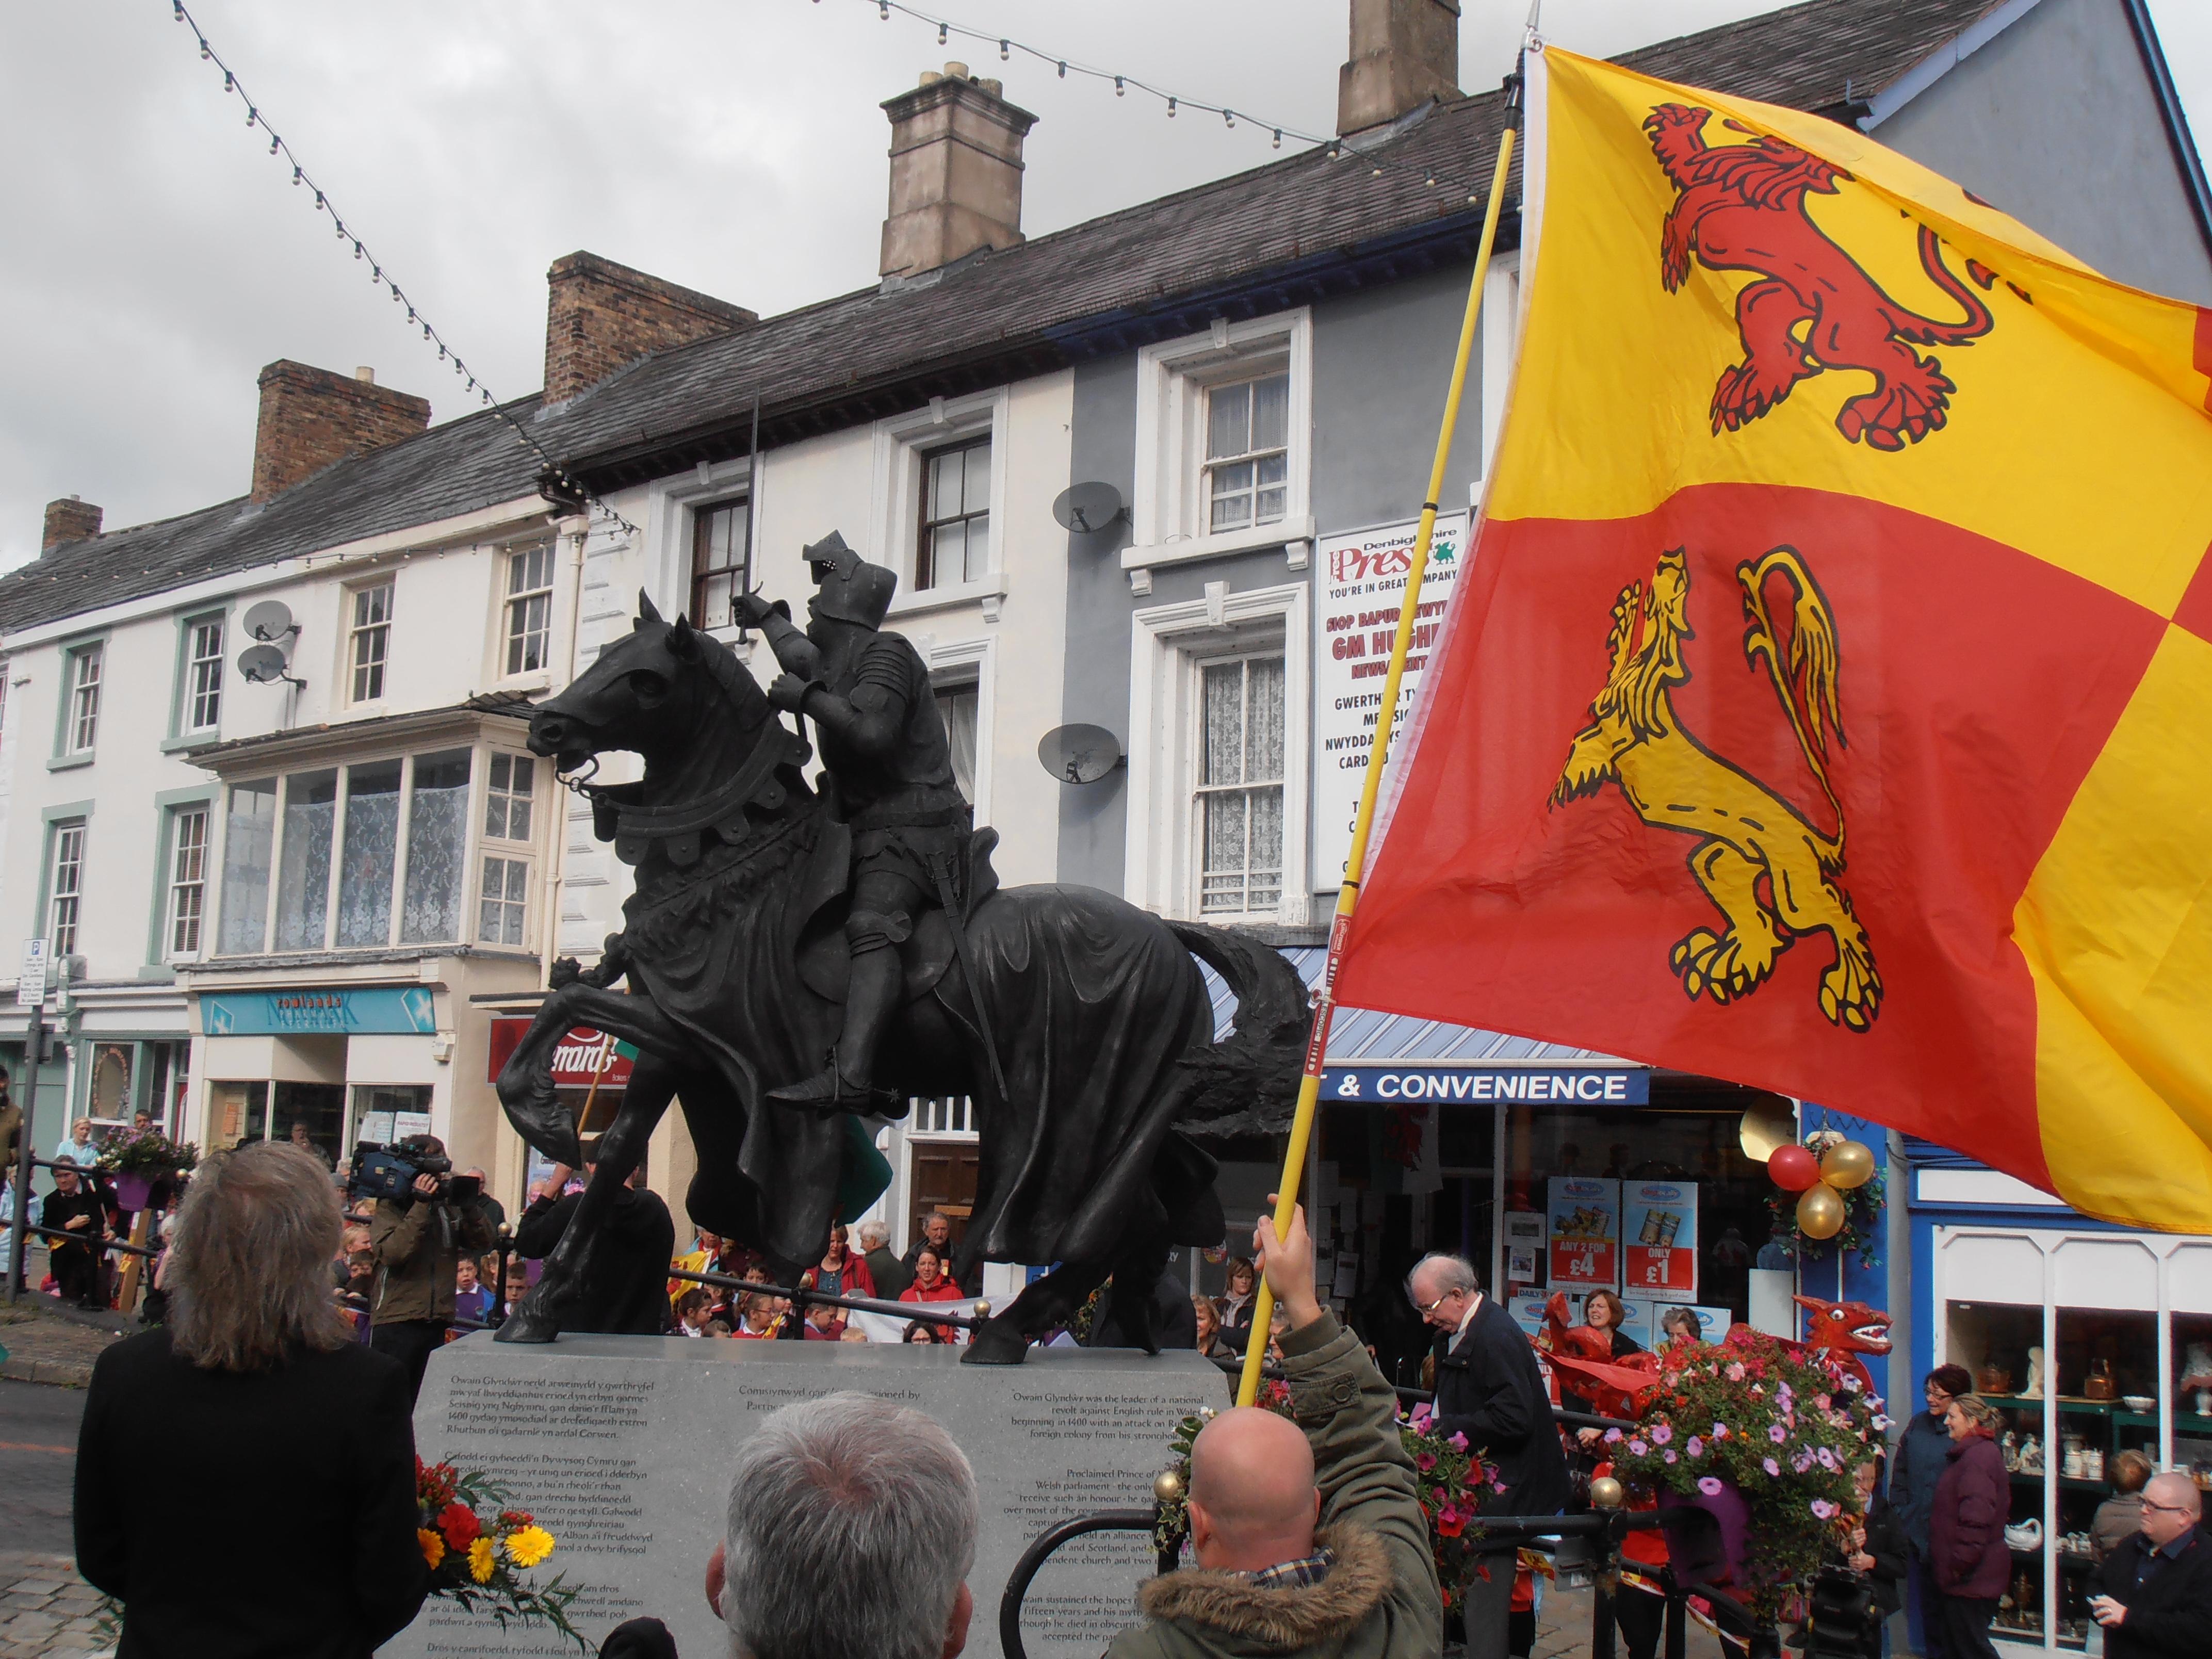 Celebrating Owain Glyndŵr in Corwen 16/9/13